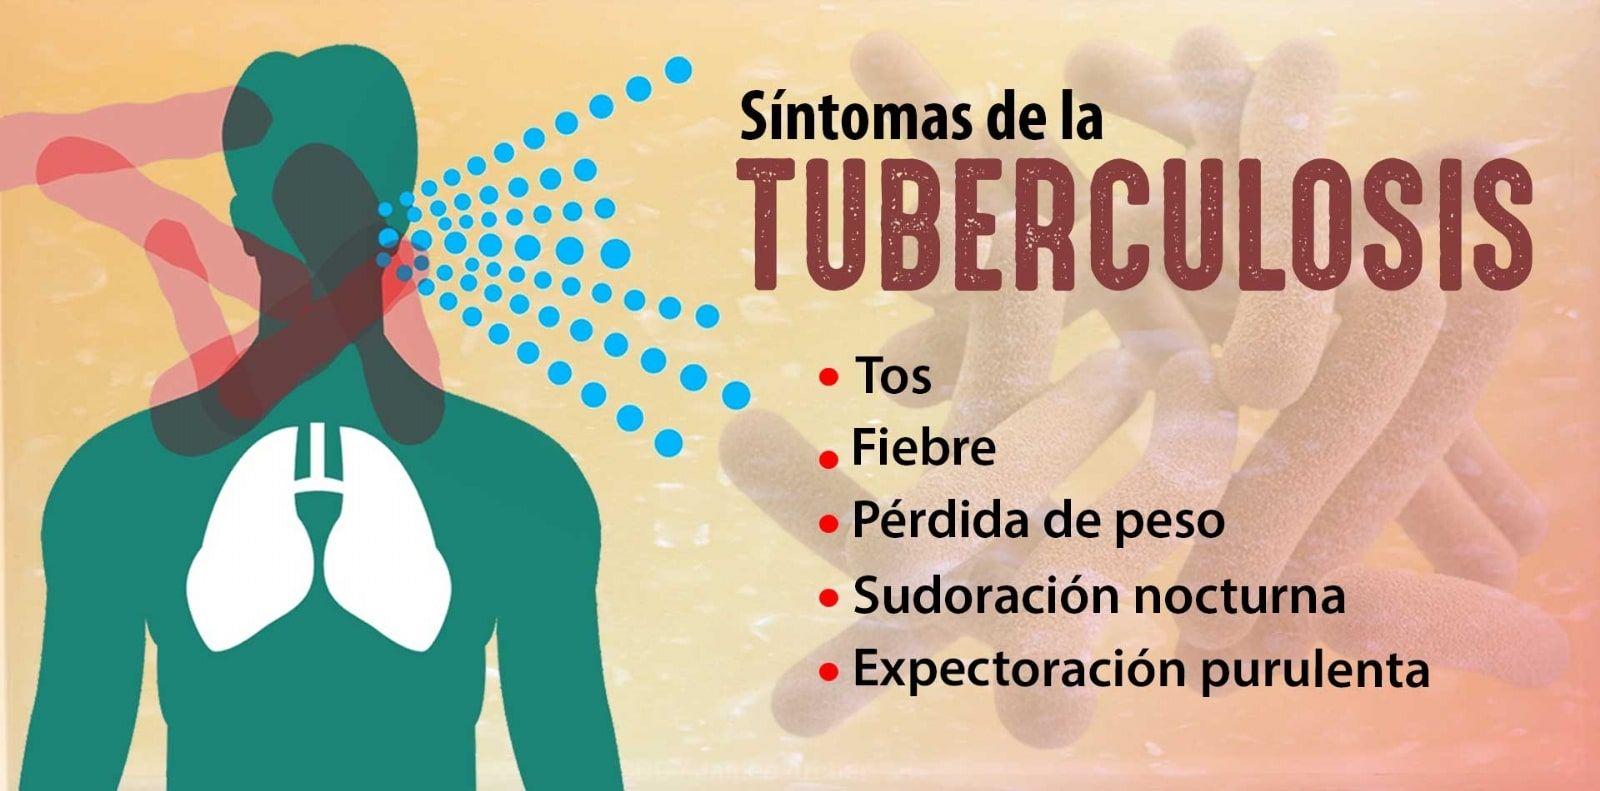 Tuberculosis: qué es, causas, síntomas, contagio ...